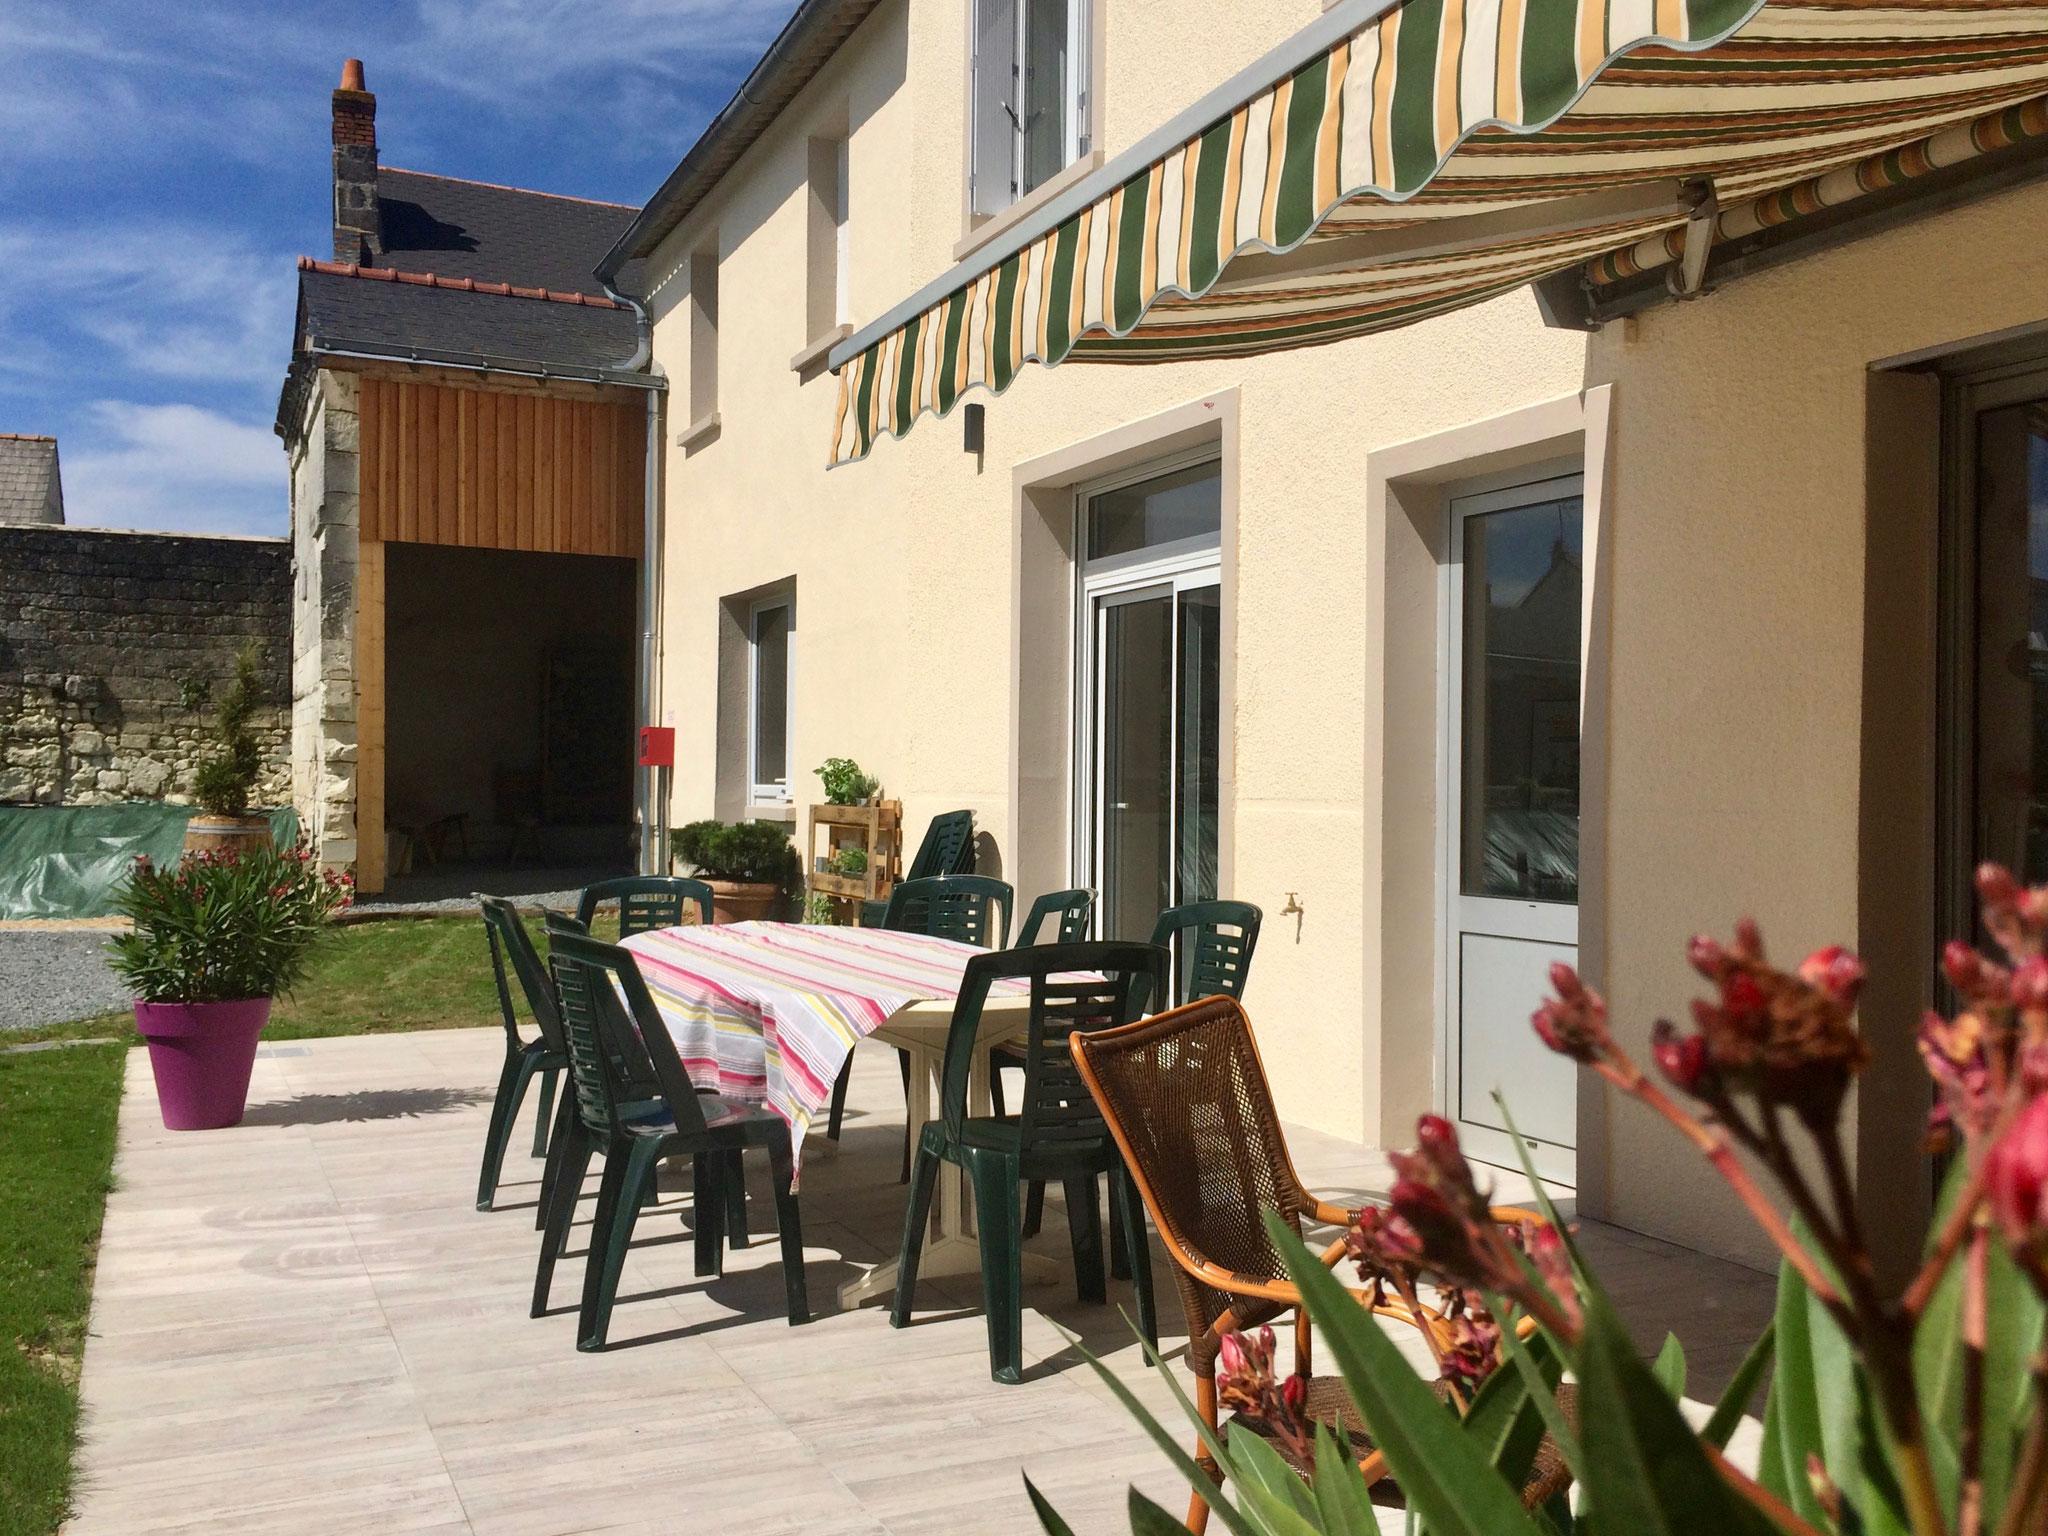 Gîte des Nerleux, St. Cyr en Bourg, Terrasse